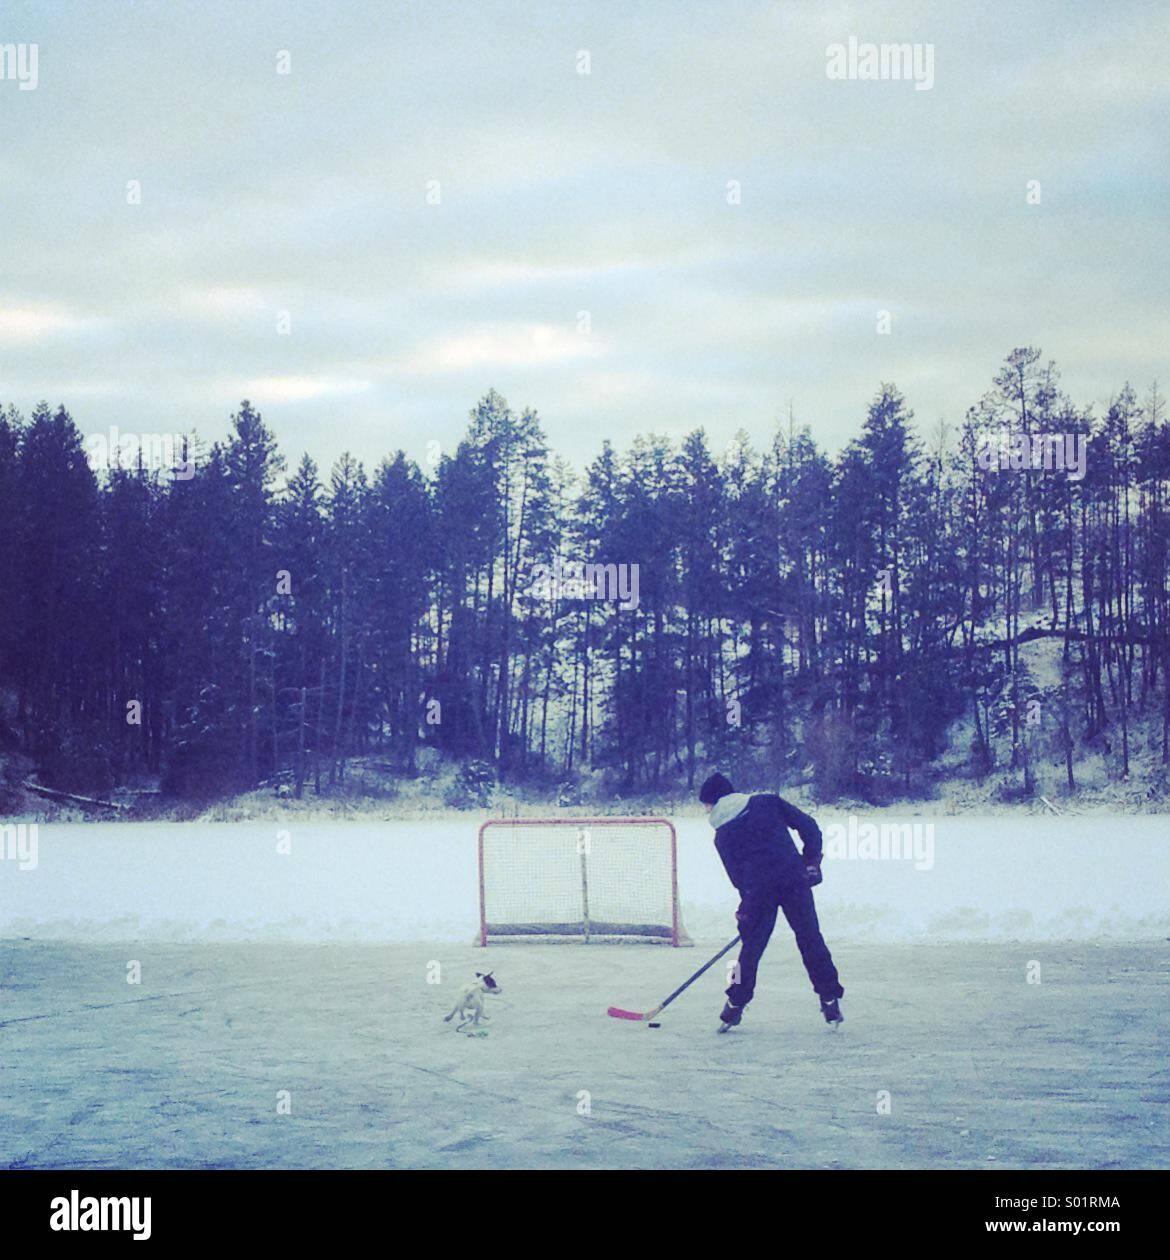 Paisaje canadiense: un niño jugando al hockey sobre un estanque congelado con su perro. Foto de stock